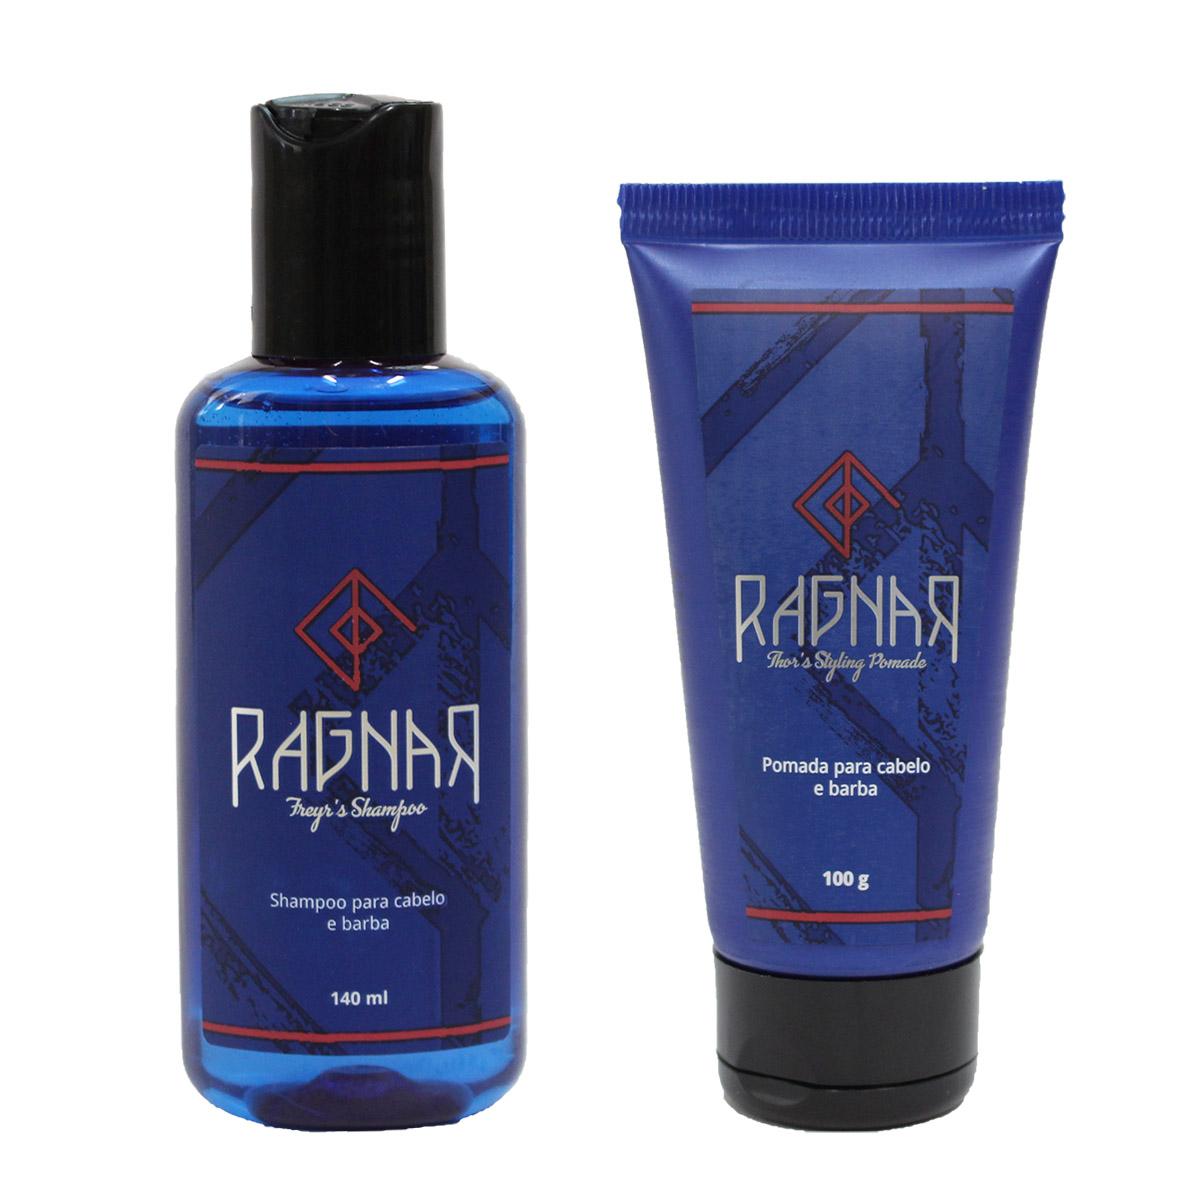 Shampoo para Cabelo e Barba 140 ml (Freyr's Shampoo) + Pomada para Cabelo e Barba 100 g (Thor's Styling Pomade)